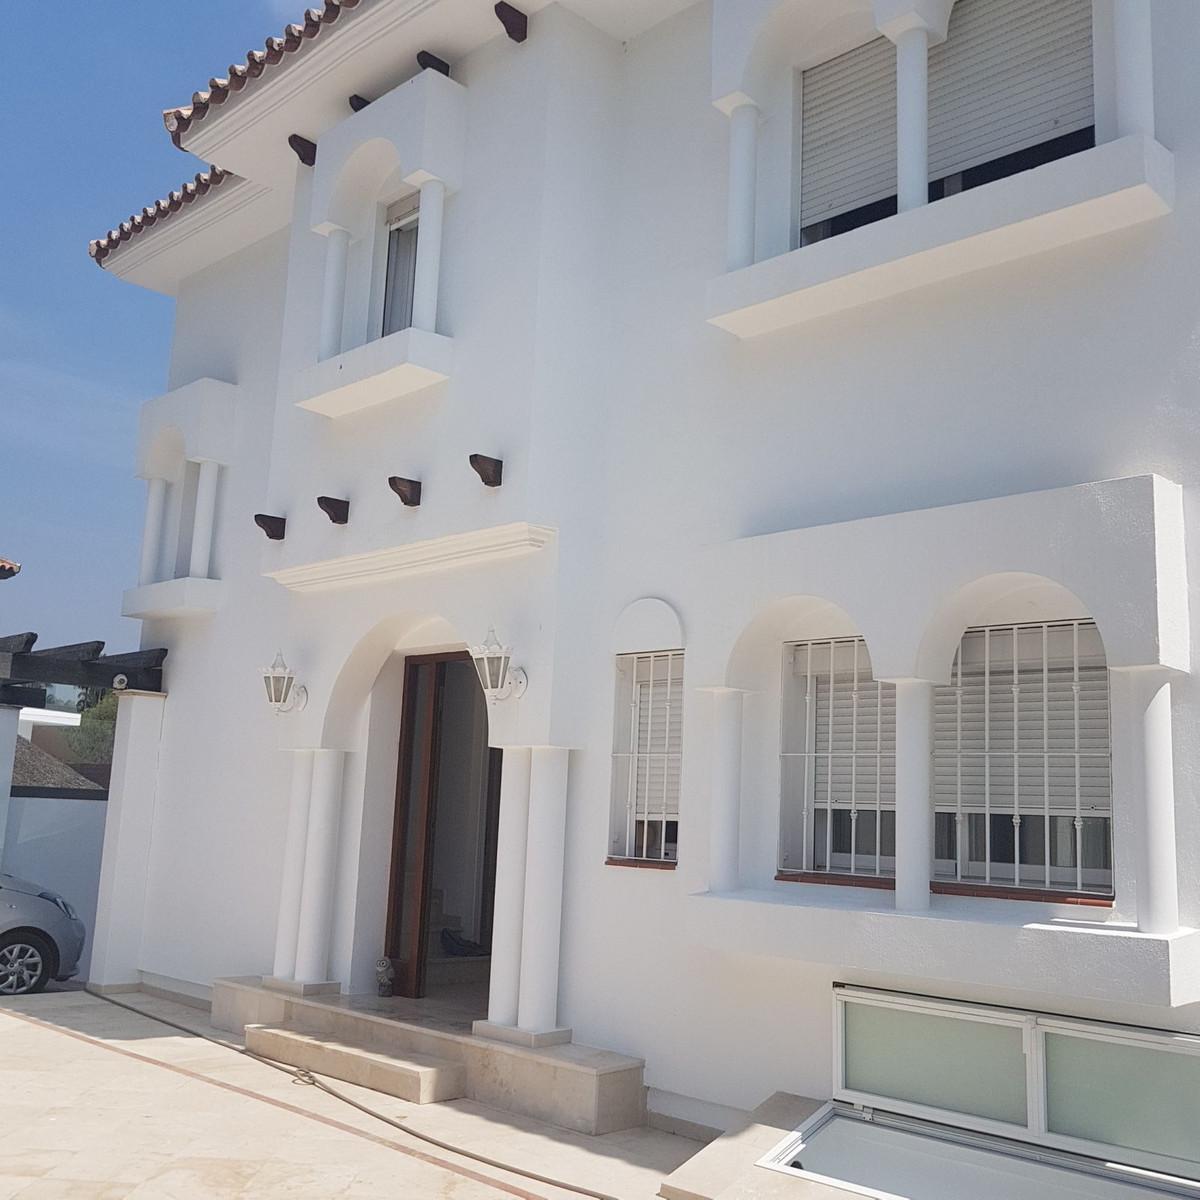 Sales - House - Puerto Banús - 23 - mibgroup.es